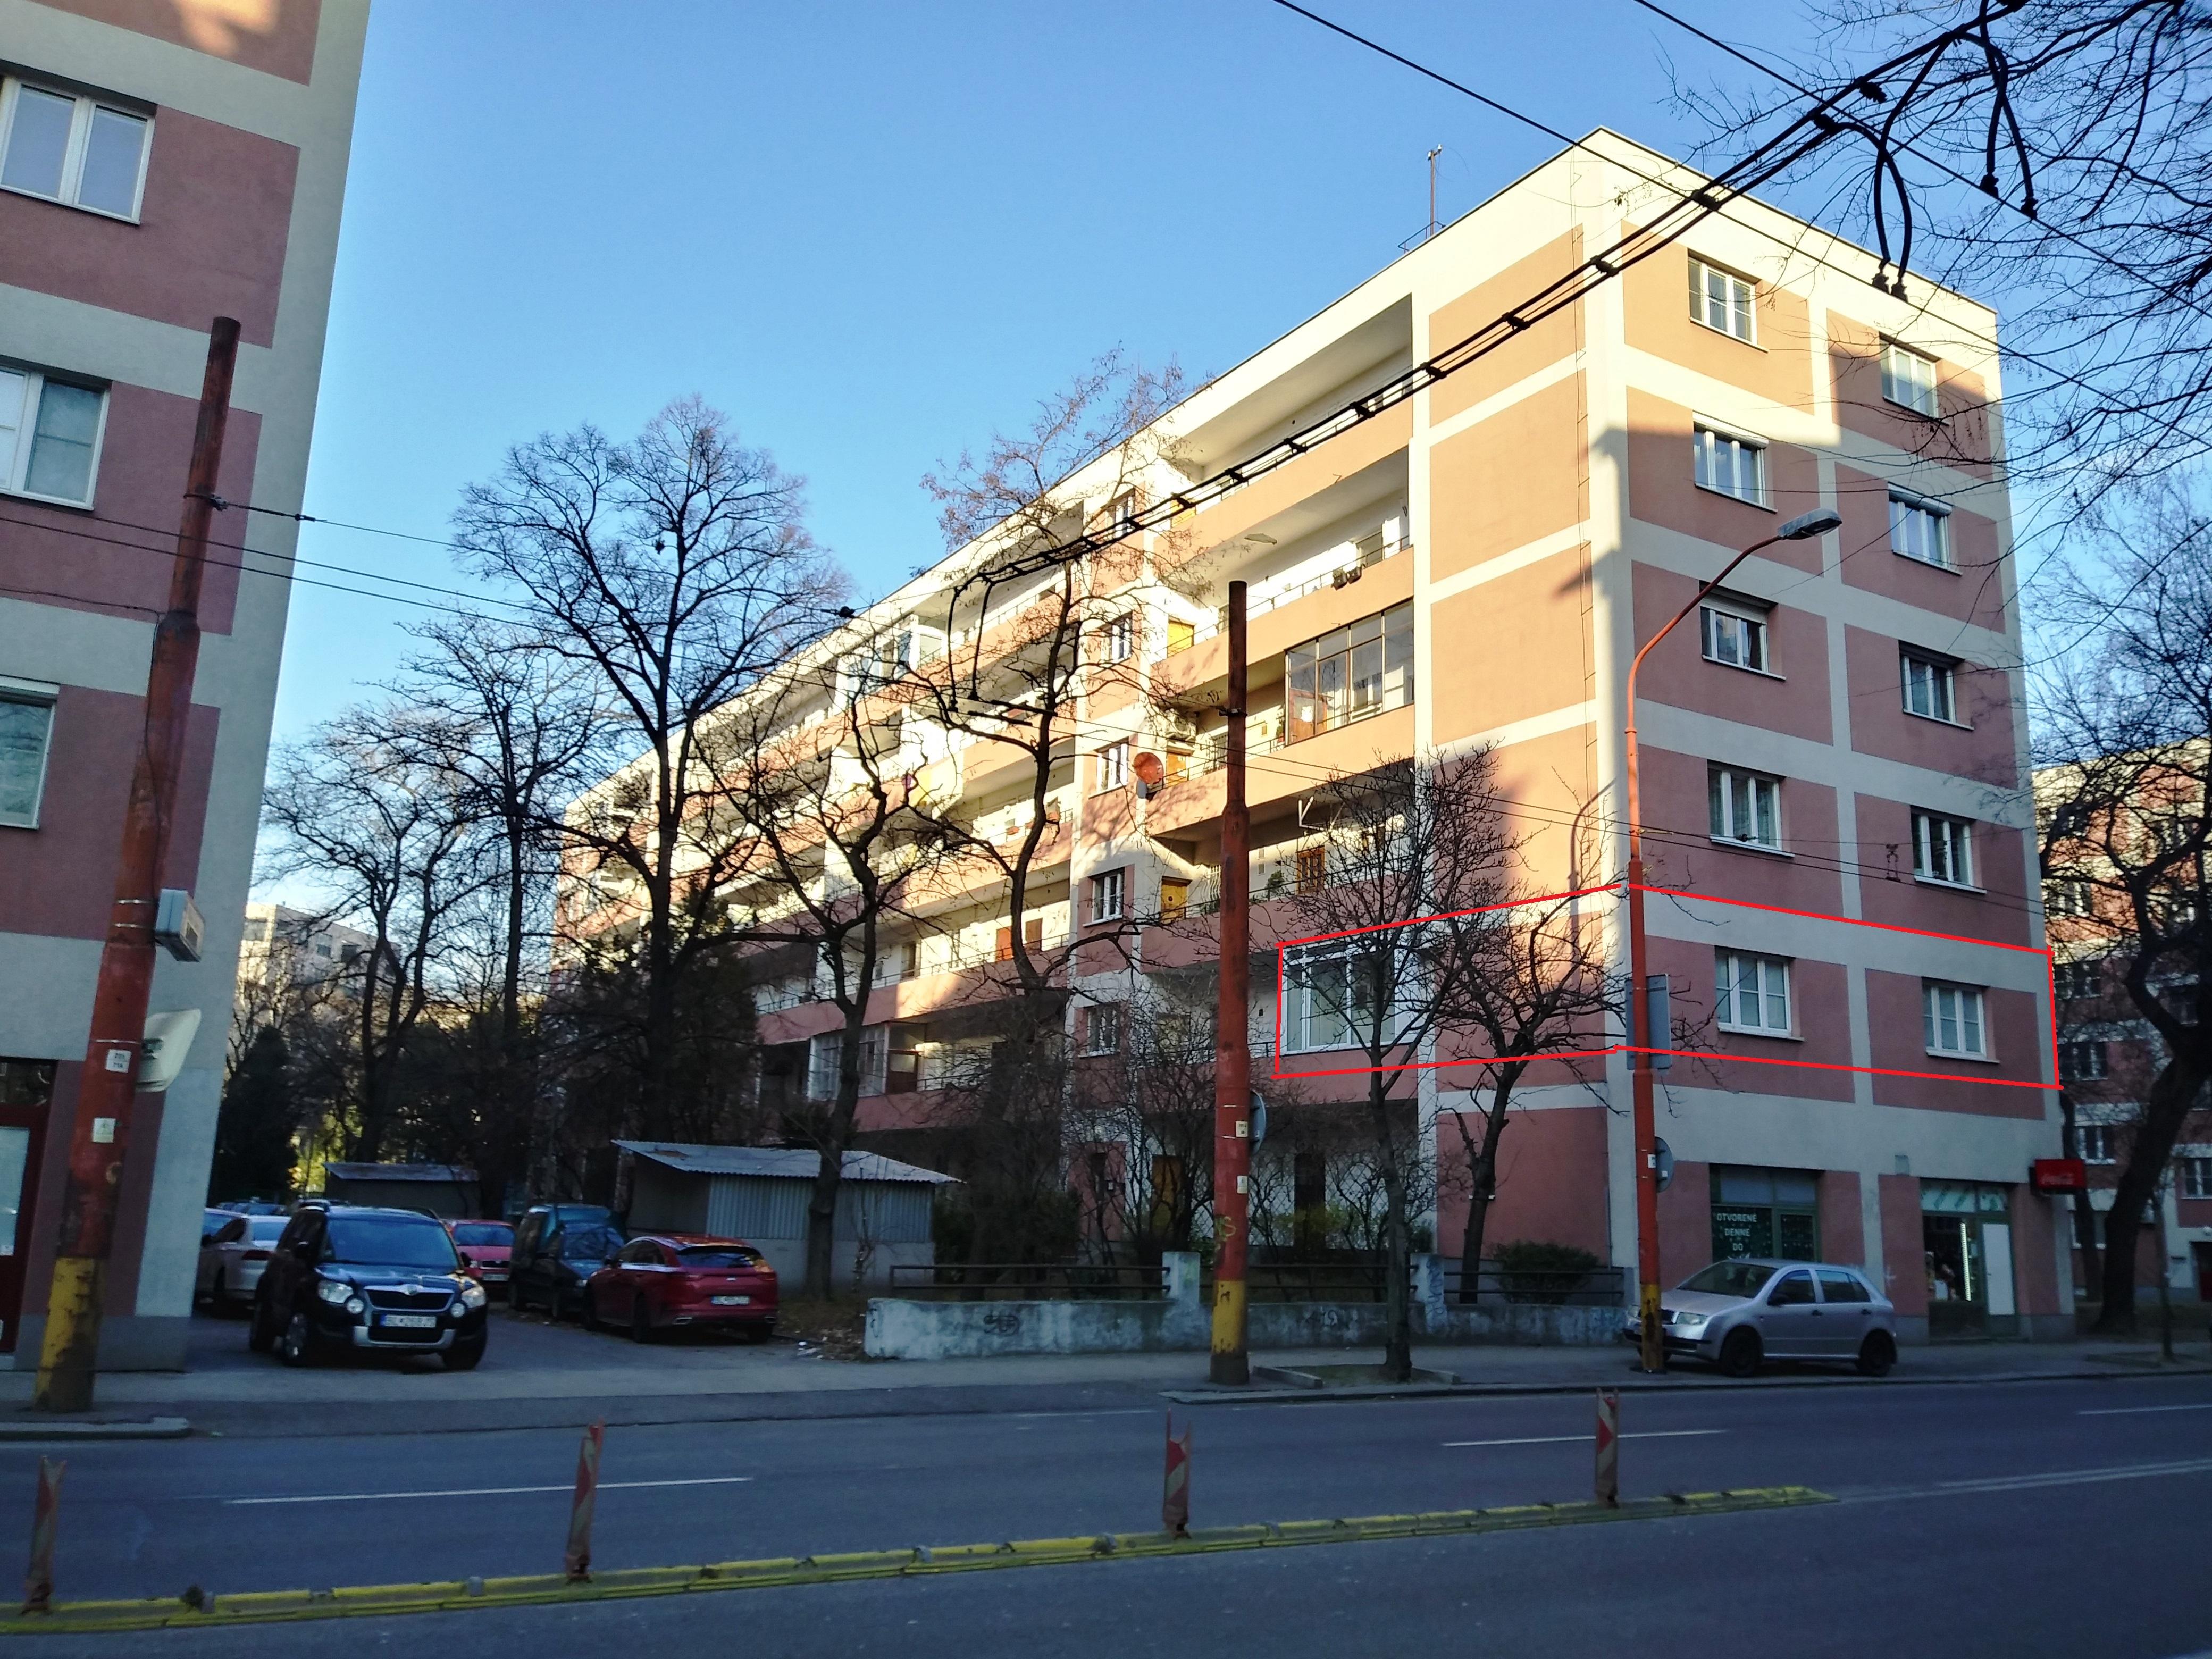 Prenajaté: Na prenájom exkluzívne 2 izb. byt, Staré mesto, Šancová ulica, Bratislava, 75m2, kompletne zariadený-8